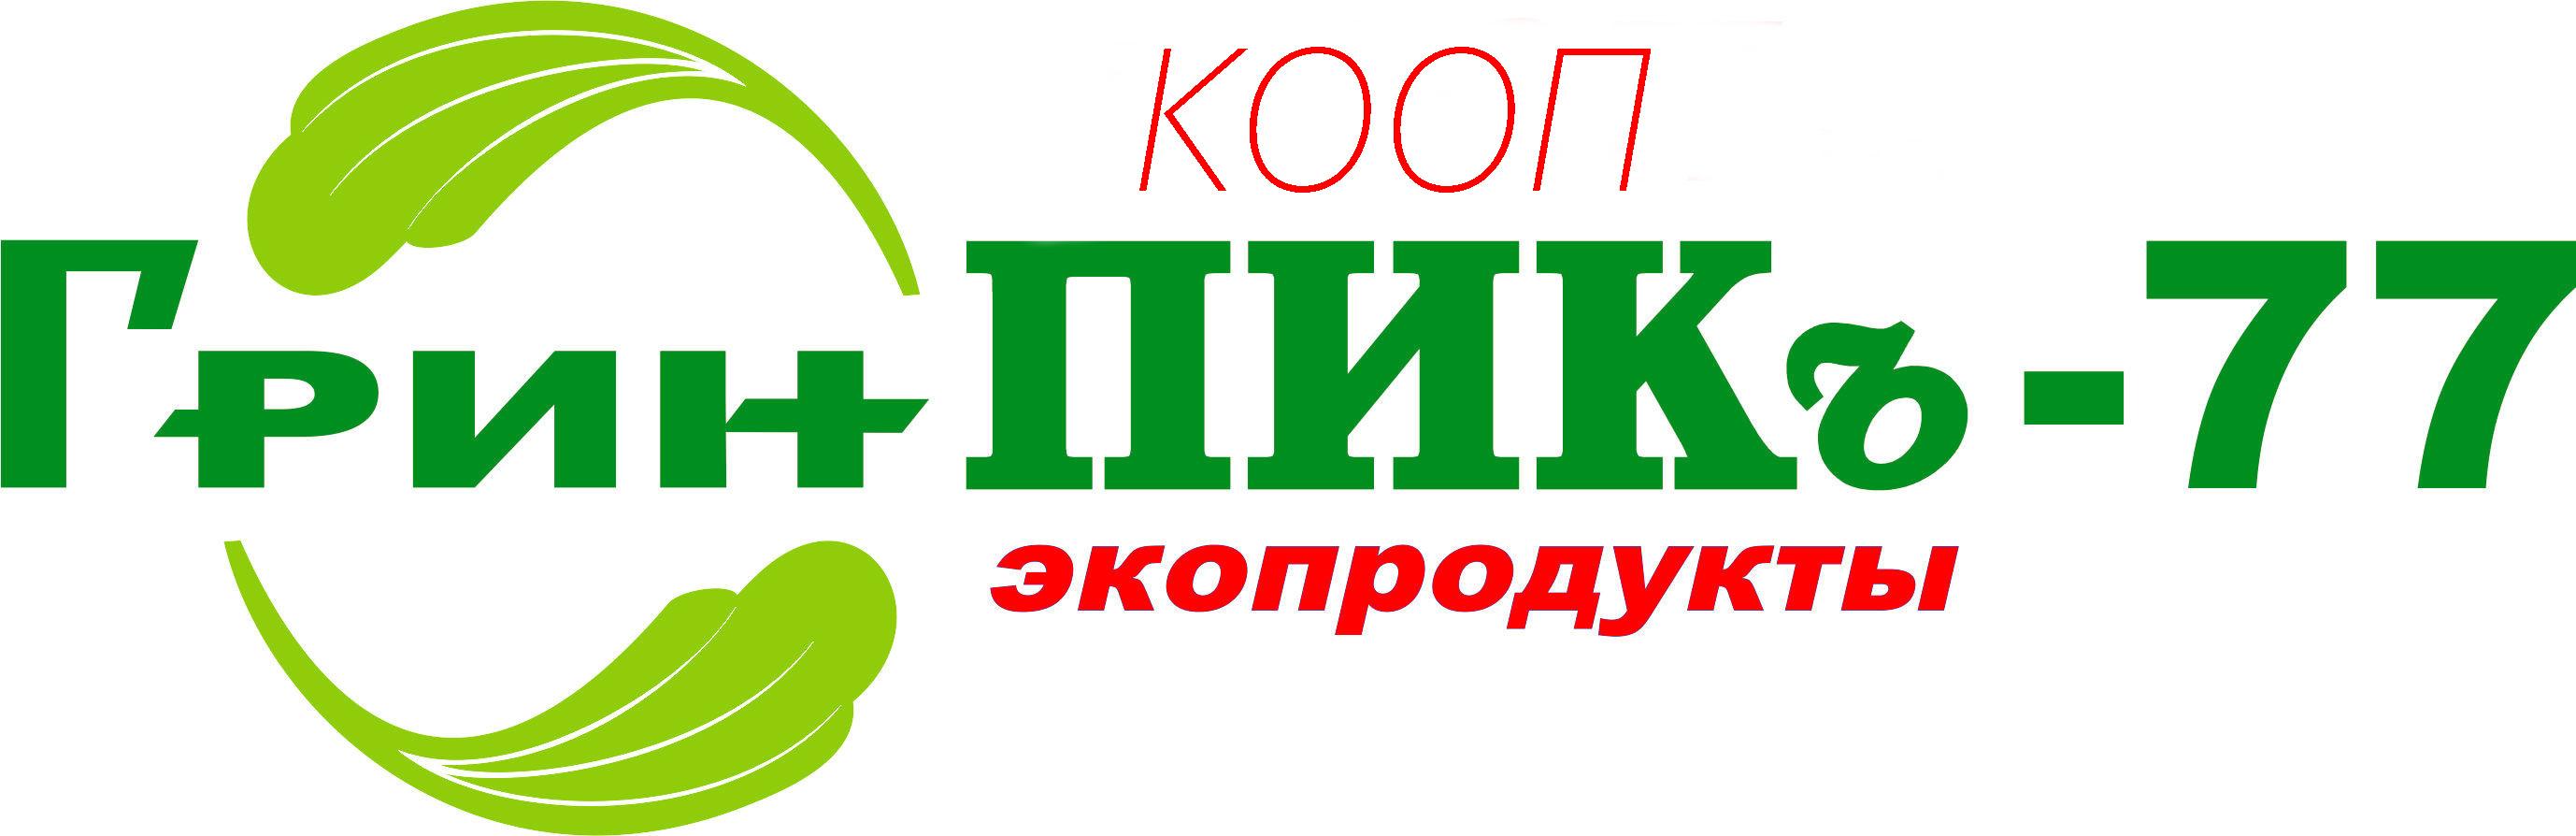 СПСК «Грин-ПИКъ-77»